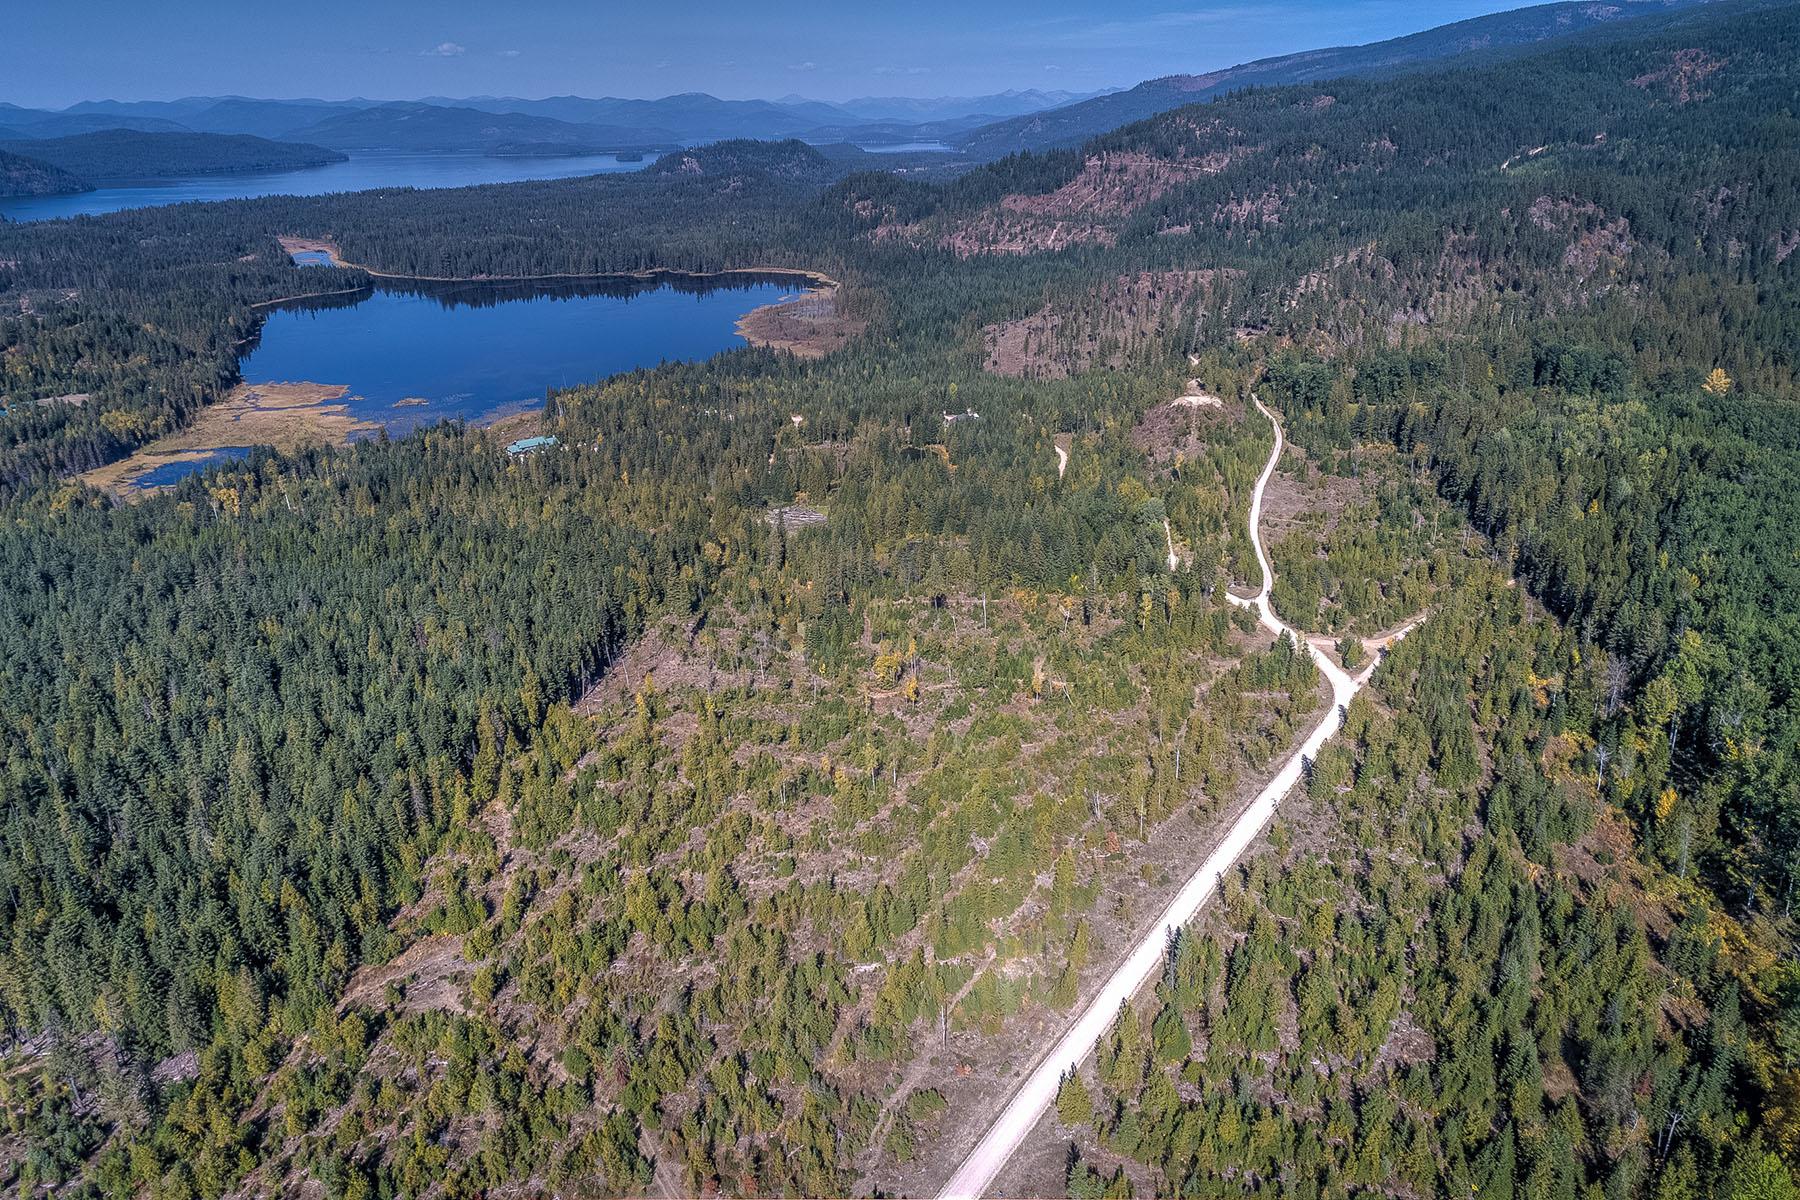 Arazi için Satış at BUSHWOOD ESTATES Lot 5 1585 Lost Creek Rd, Coolin, Idaho, 83821 Amerika Birleşik Devletleri